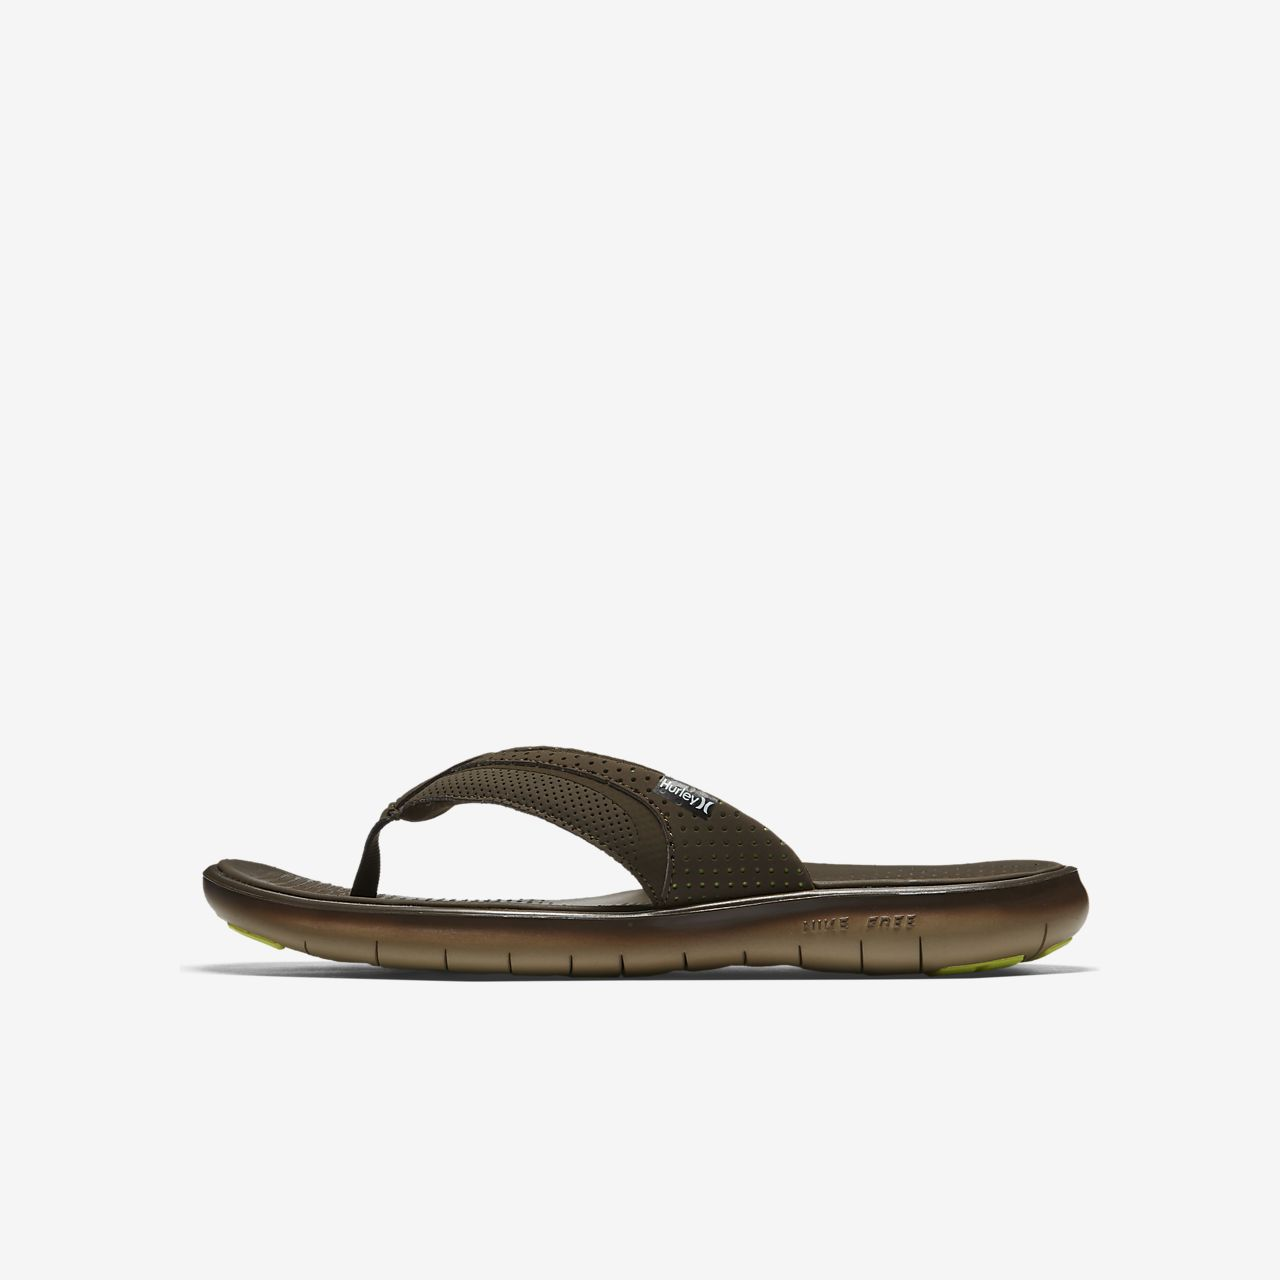 9151dab6857f7 Hurley Phantom Free Motion Men s Sandal. Nike.com AU